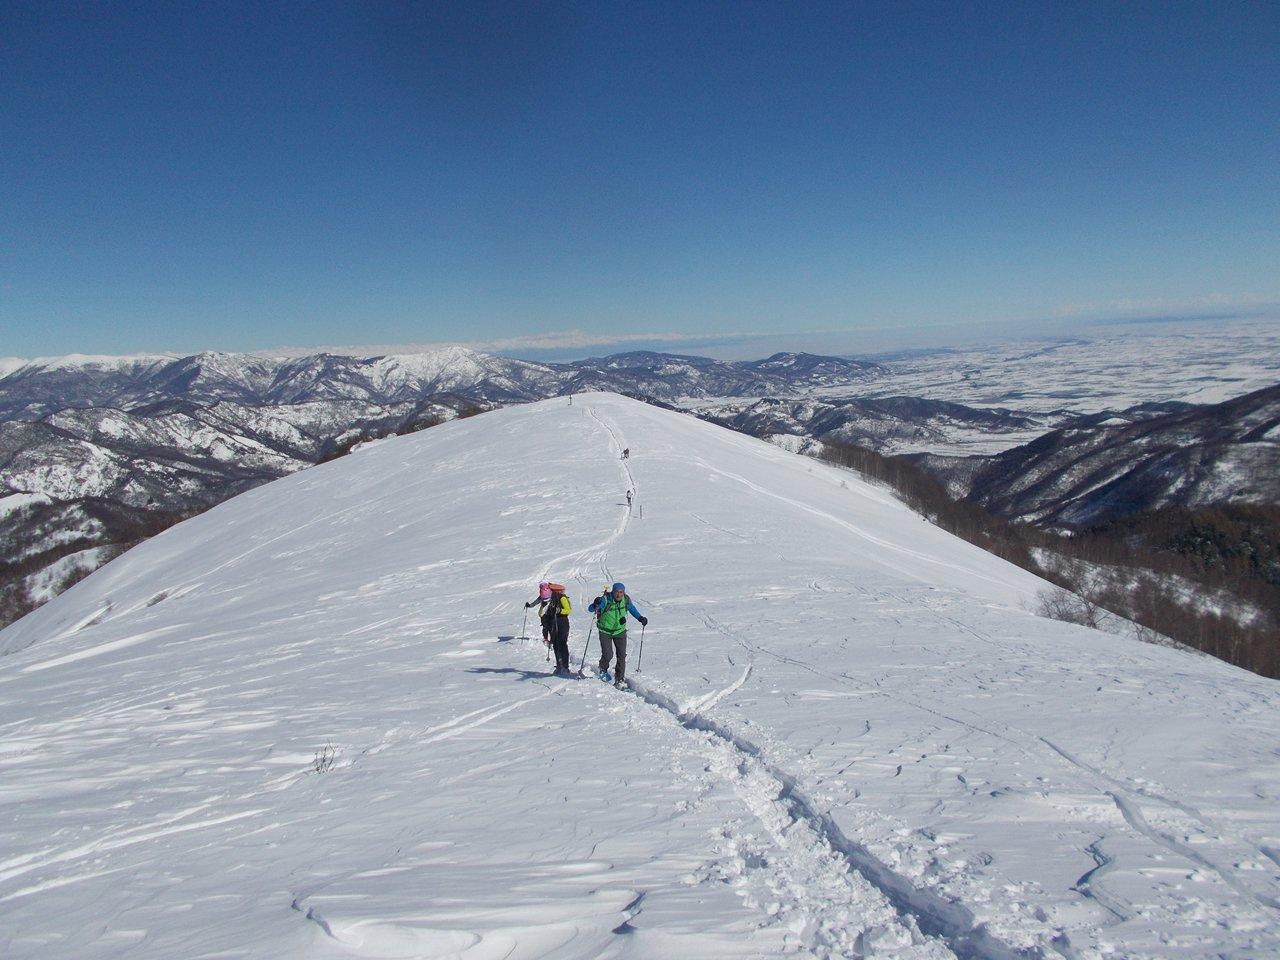 si prosegue verso l 'Alpe